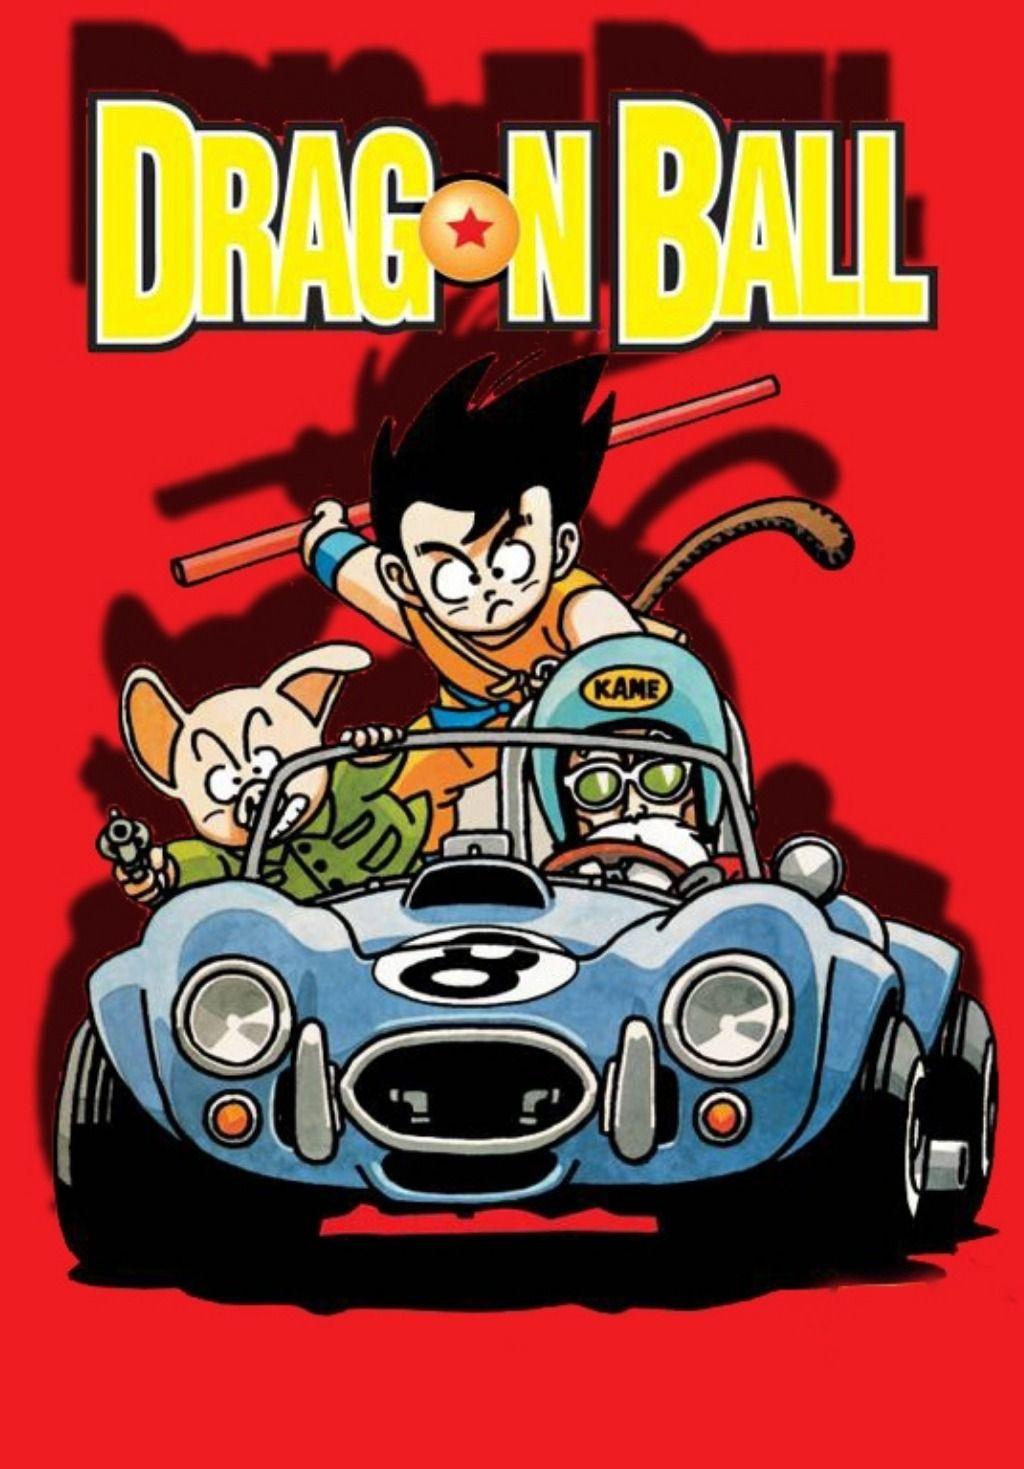 dragon ball おしゃれまとめの人気アイデア pinterest son goku 孫悟空 ドラゴンボール イラスト イラスト ドラゴンボール